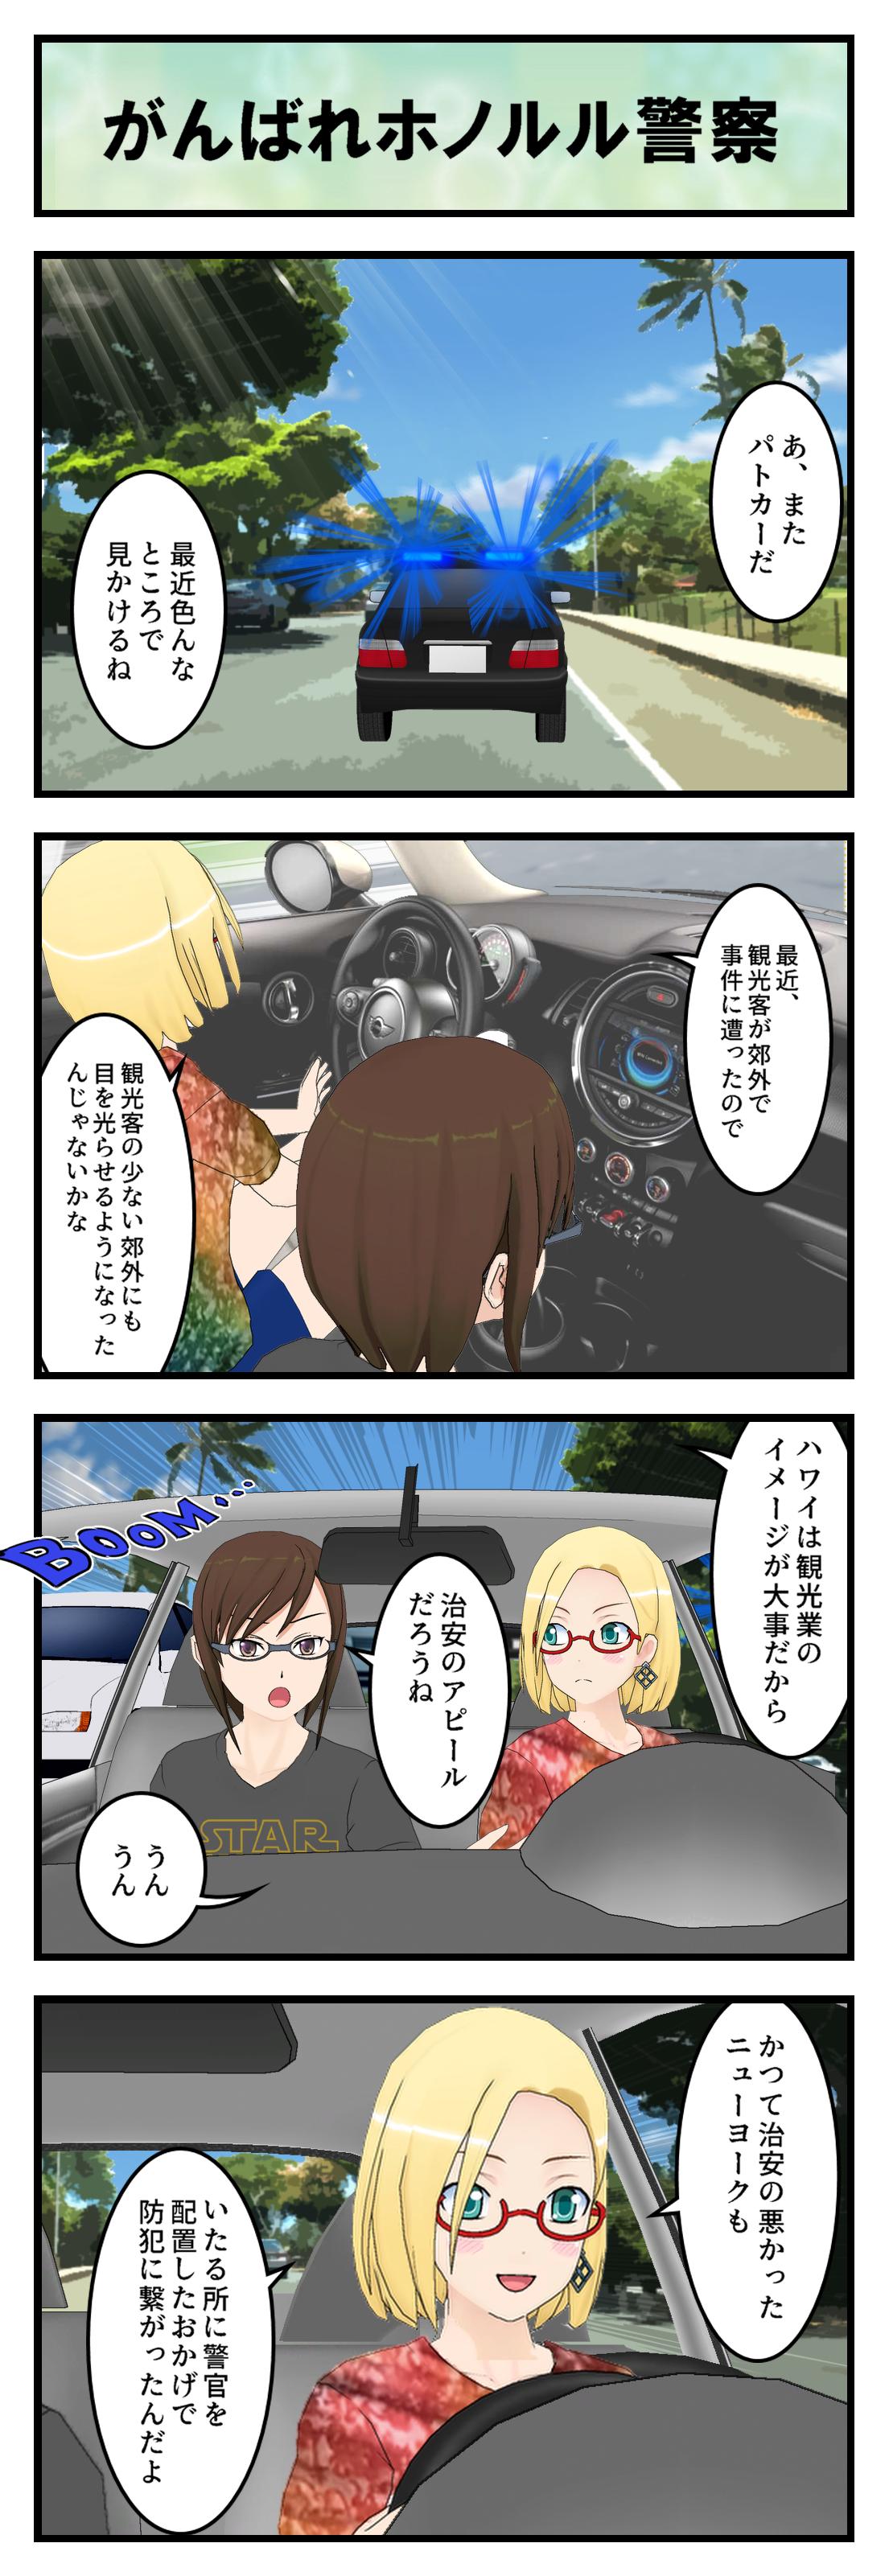 R087_がんばれホノルル警察_001